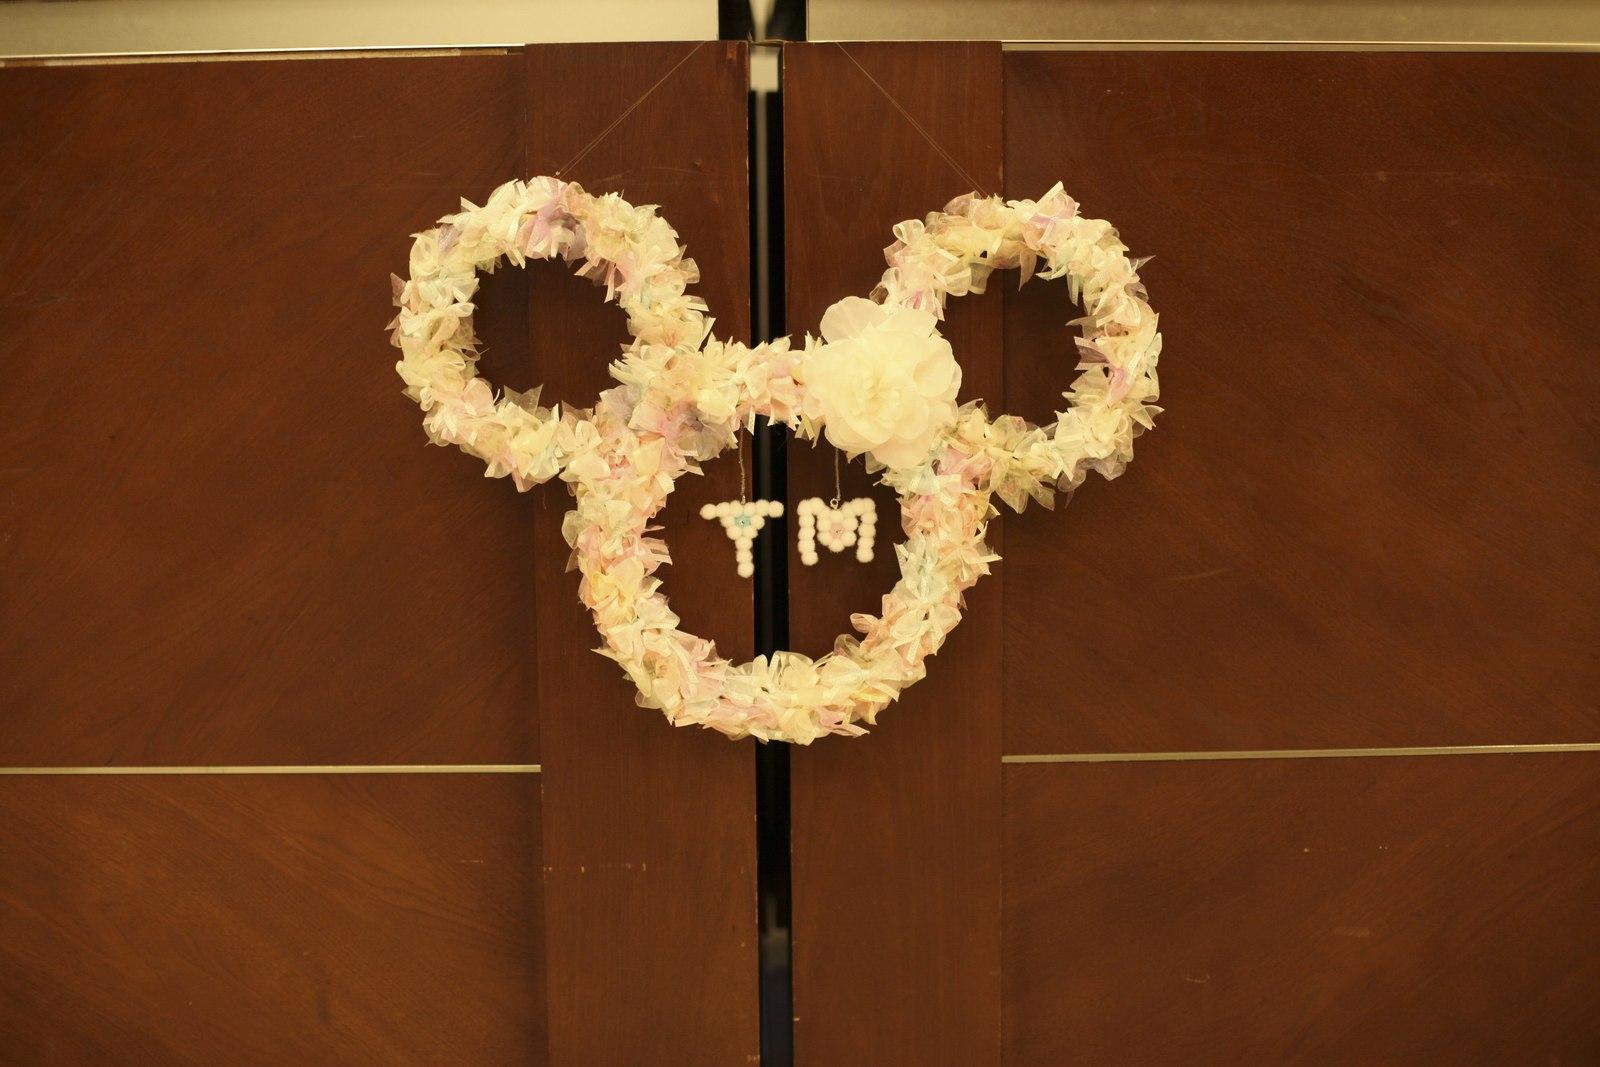 徳島市の結婚式場ブランアンジュでディズニー好きの新婦のために新婦母が手作りしたミッキーのリース